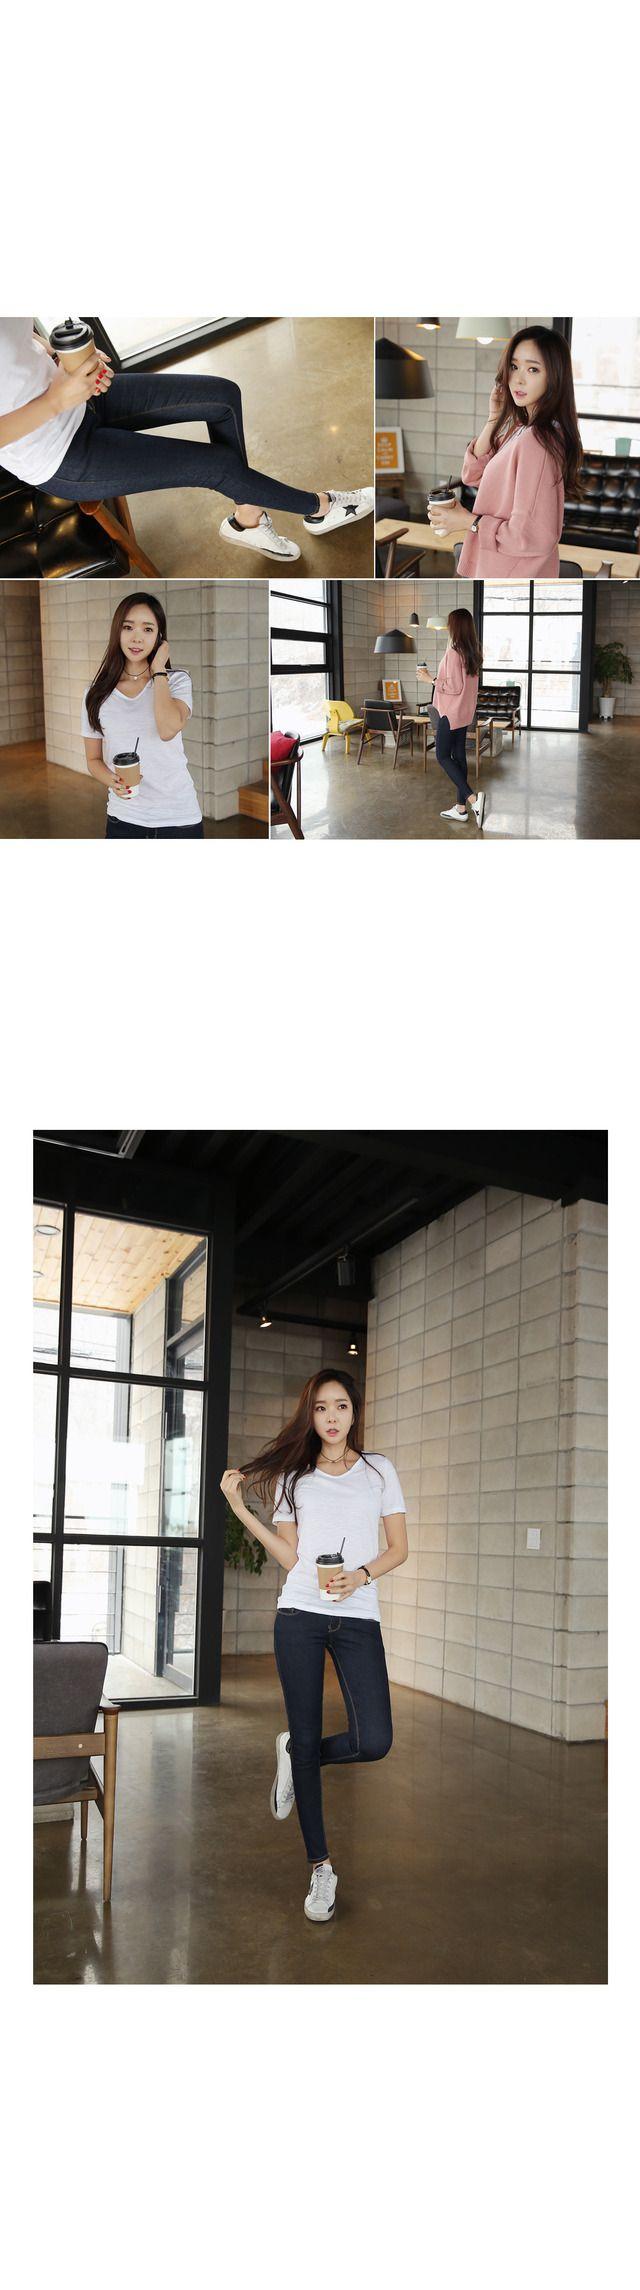 -컬러: 화이트,블랙,그레이,네이비,카키,민트,오렌지,핑크,라임 -모델 착용컬러: 화이트   슬라브 원단의 스타일리쉬한 티셔츠 느낌있는 슬라브 원단으로 제작한 반팔 티셔츠에요~~ 슬림한 핏에